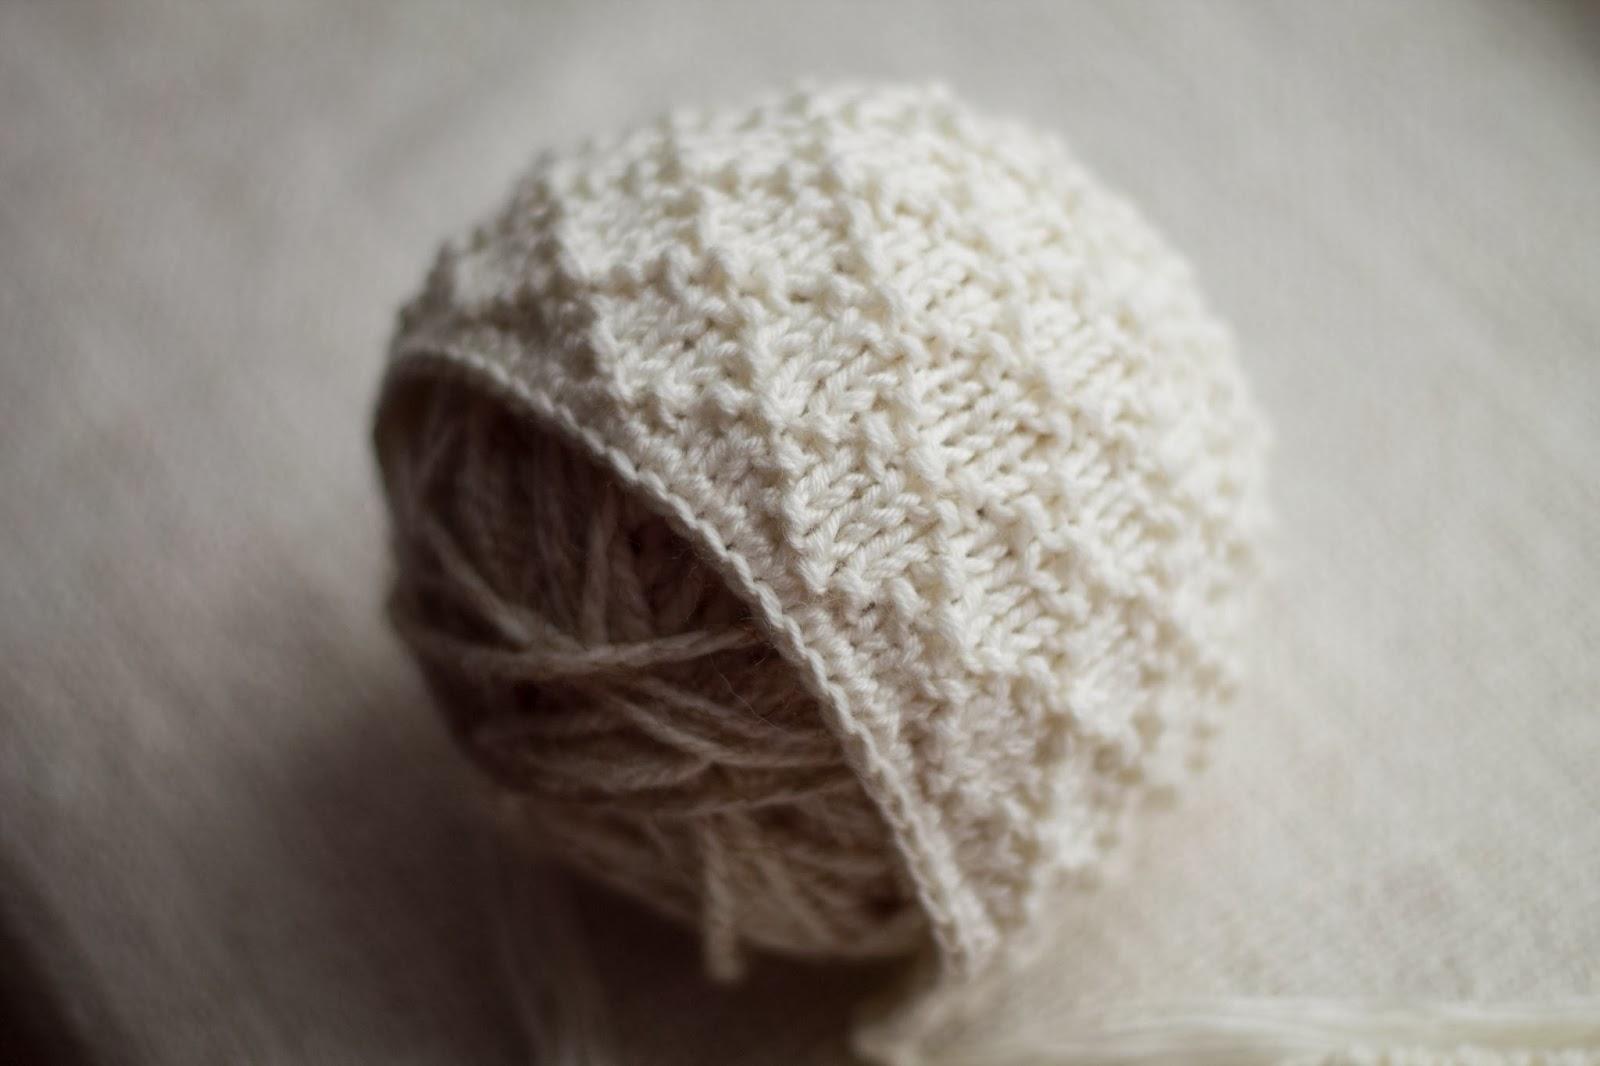 шапочка для фотосессии,  для фотосессии, шапка для фотосессии, шапка для фотосесий, шапочка на новорожденного, шапочка для новорожденной, для новорожденной, на выписку, беременность, 9 месяцев, для фотографа, купить шапочку для фотосессии, купить шапку, купить шапочку, купить шапочку для фотосессии, Аксинья Донская, Связанный мир